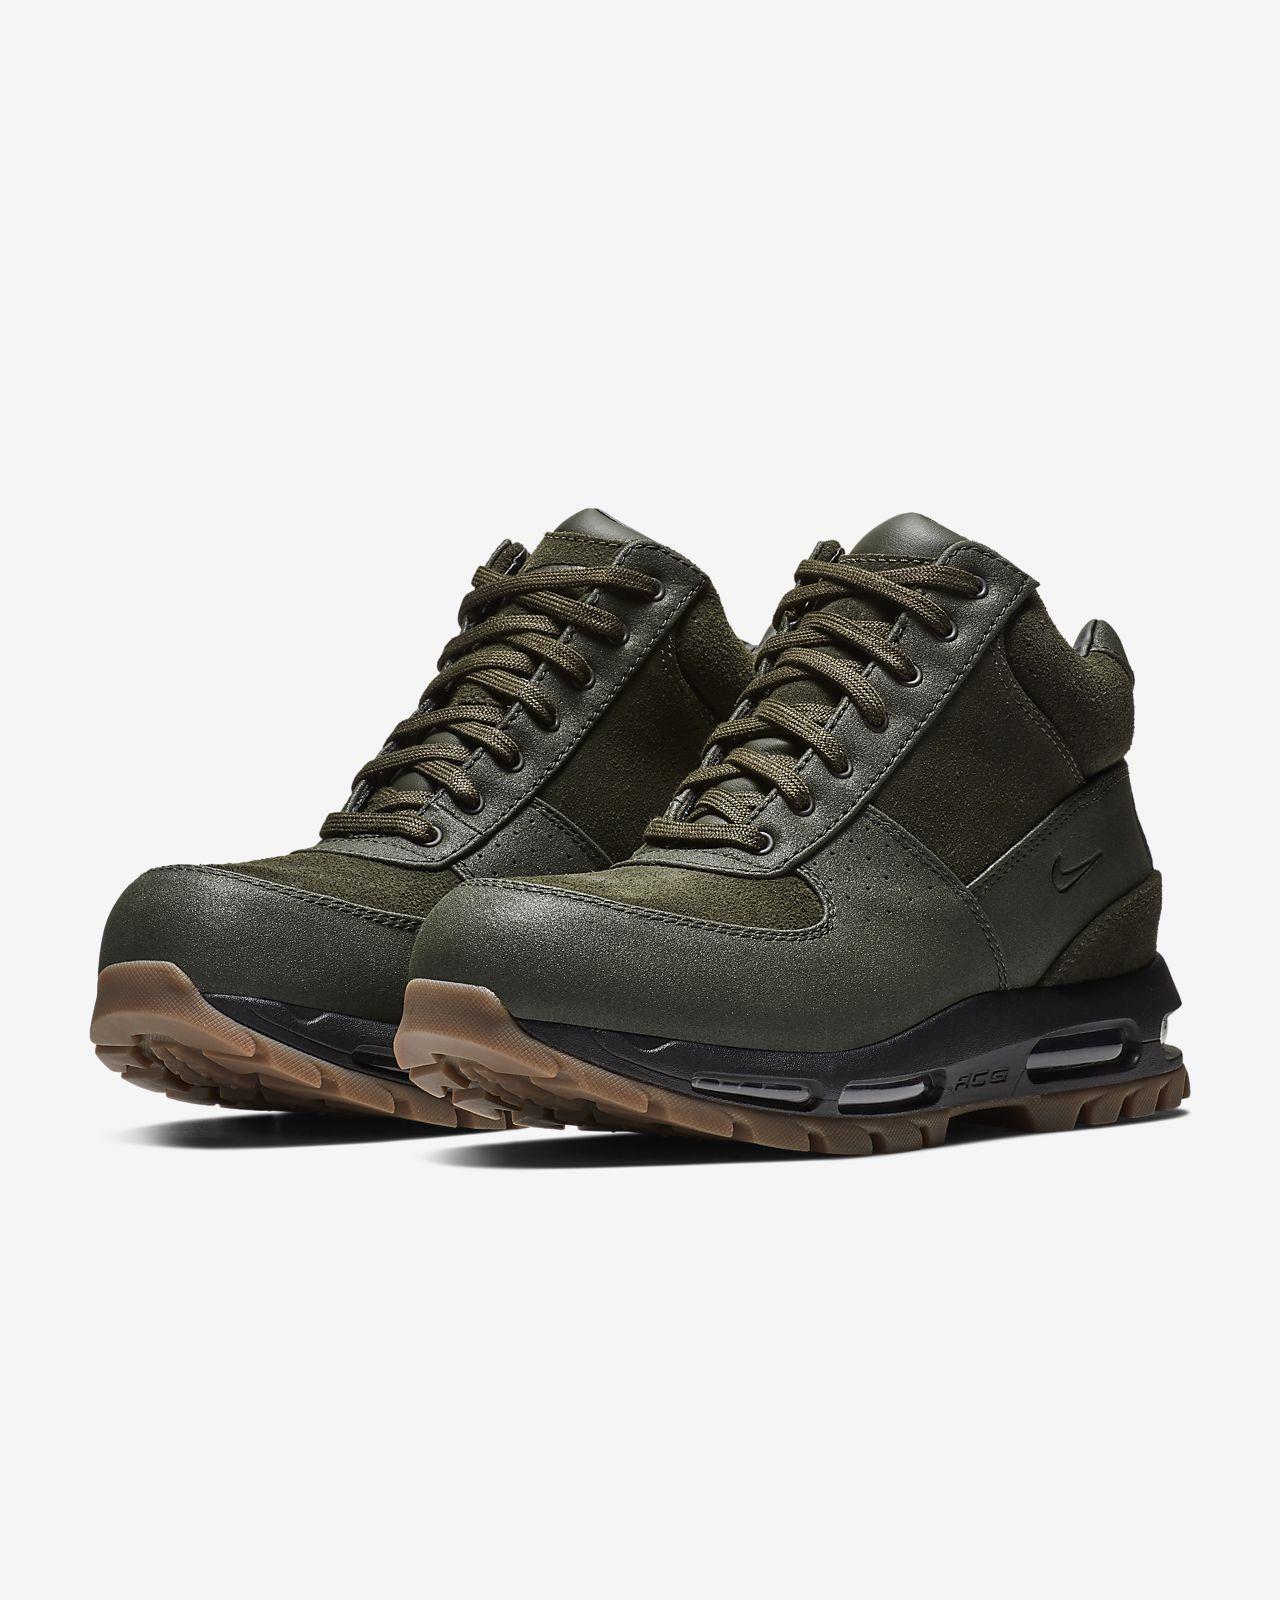 huge discount fe6a1 a93ac ... Nike Air Max Goadome Men s Boot